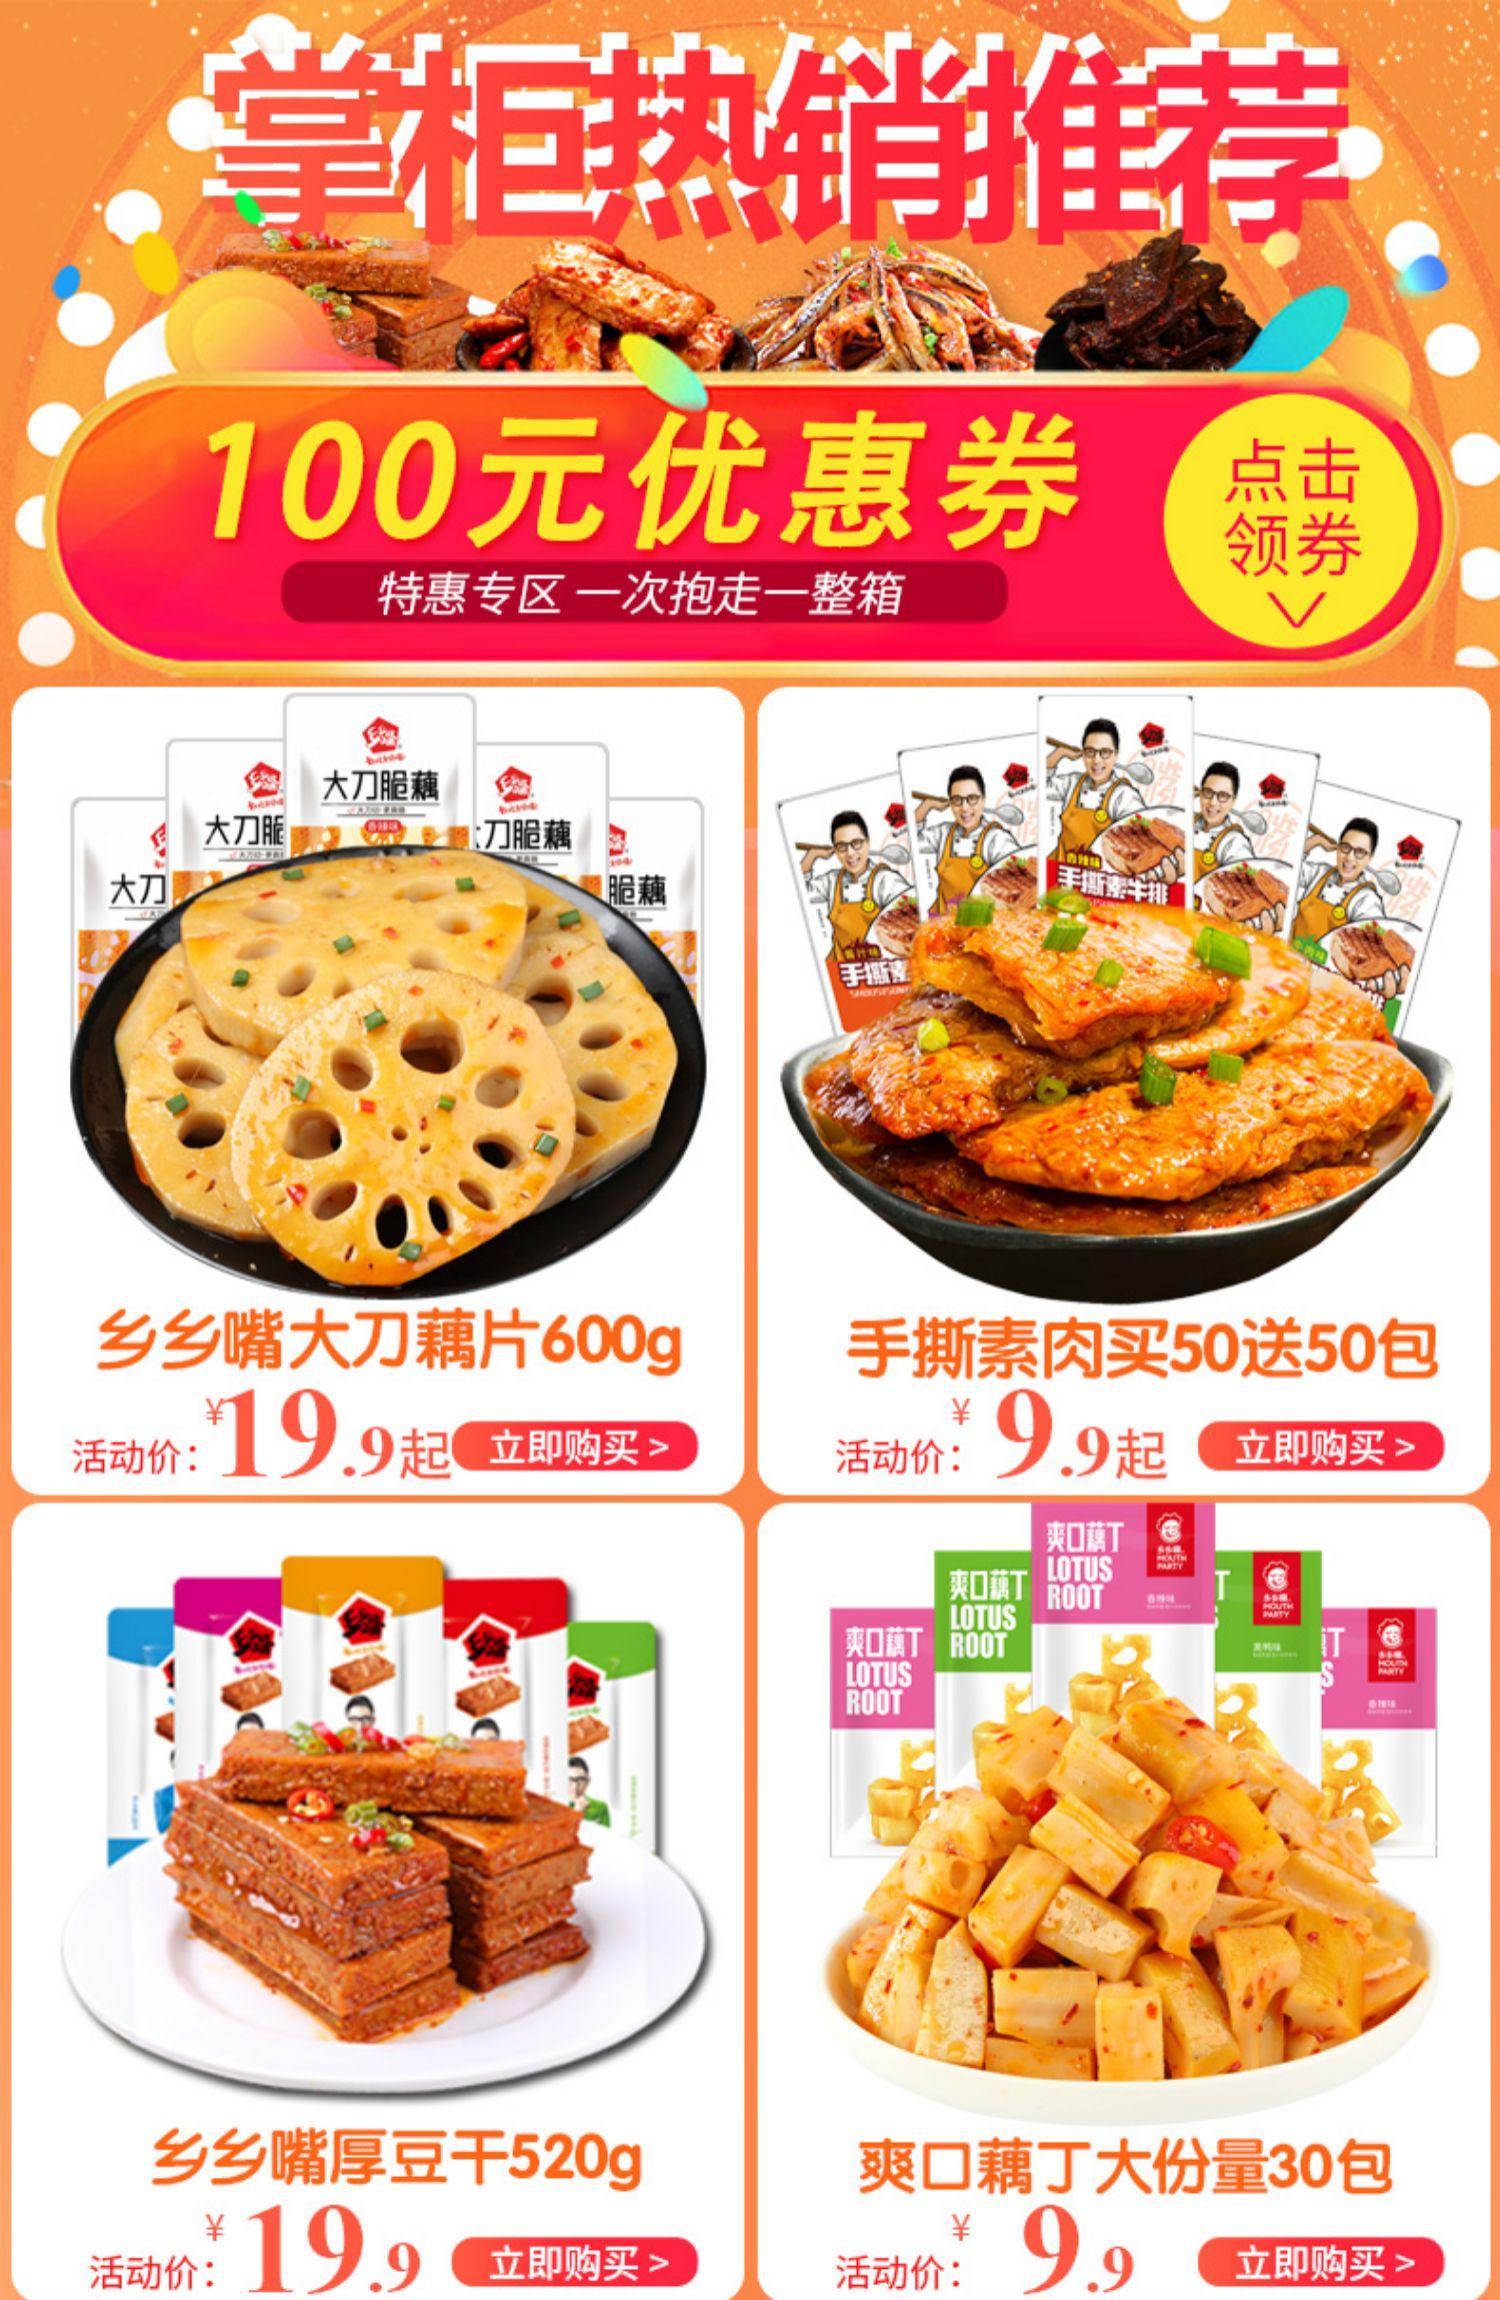 【超值20包】湖南特产网红零食小鱼仔